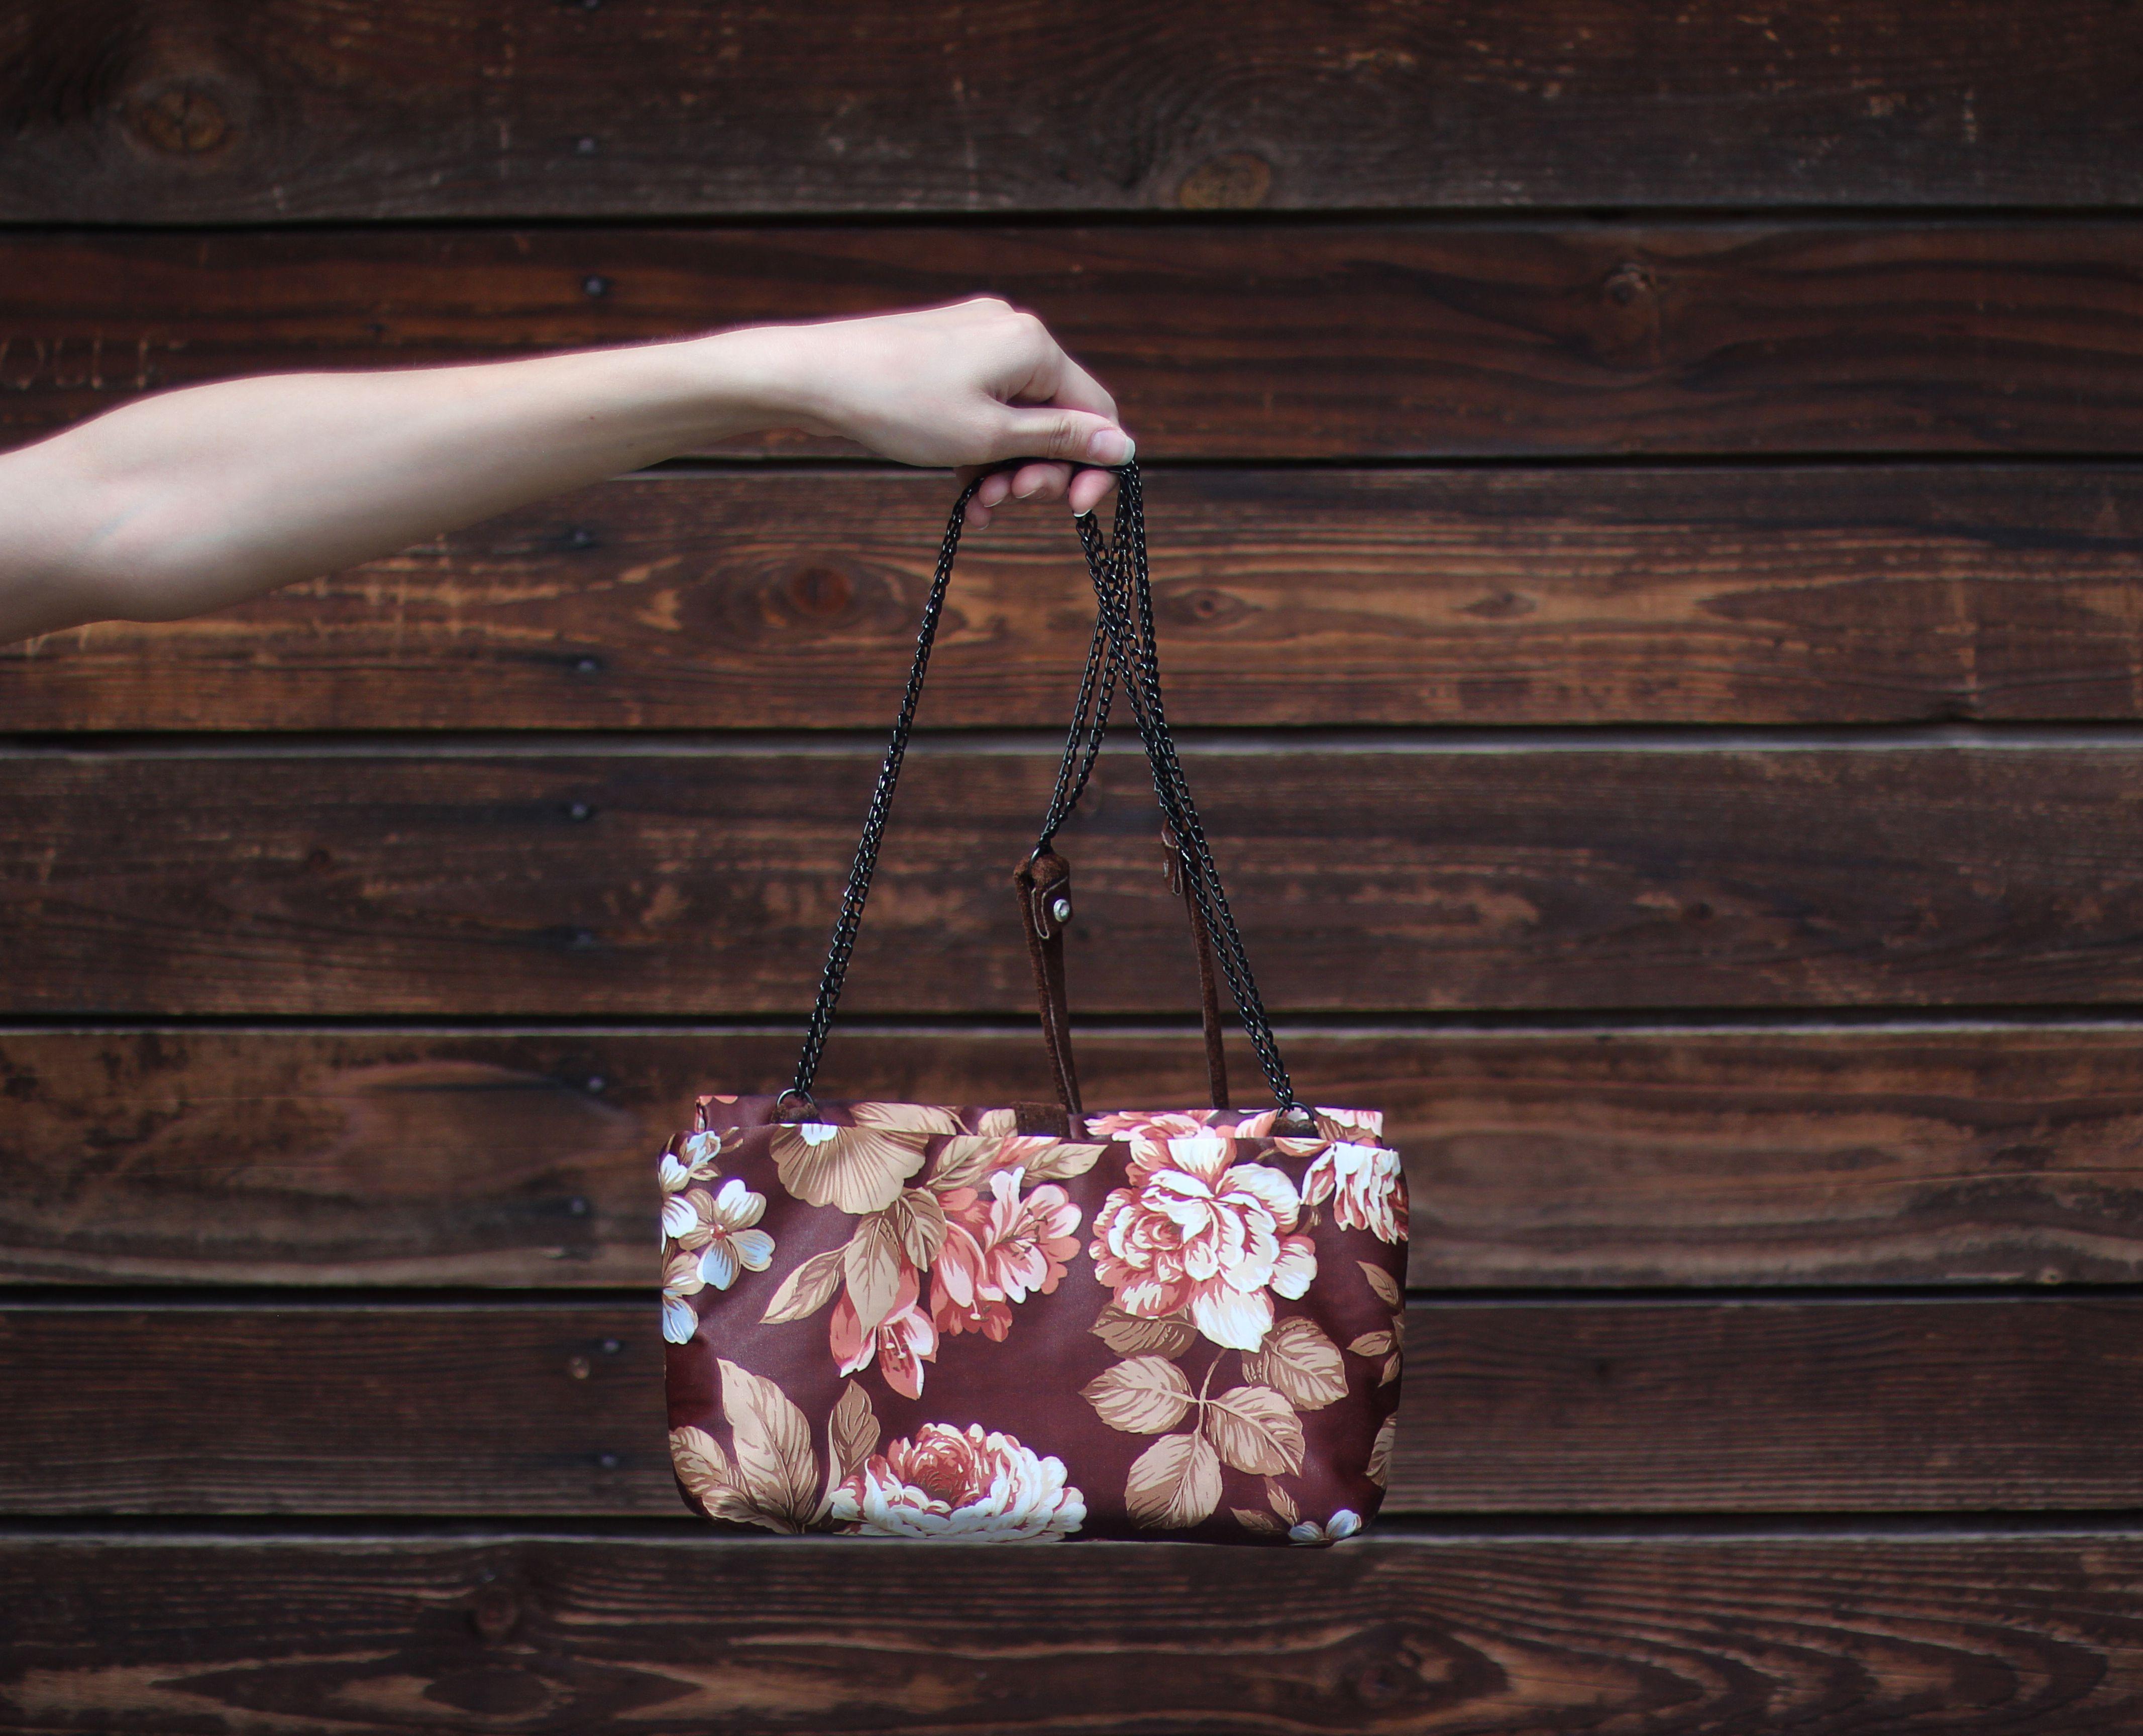 замша купитьподарок купитьклатч кожаный сумка клатч ручная авторская текстиль купить женская кожа подарок